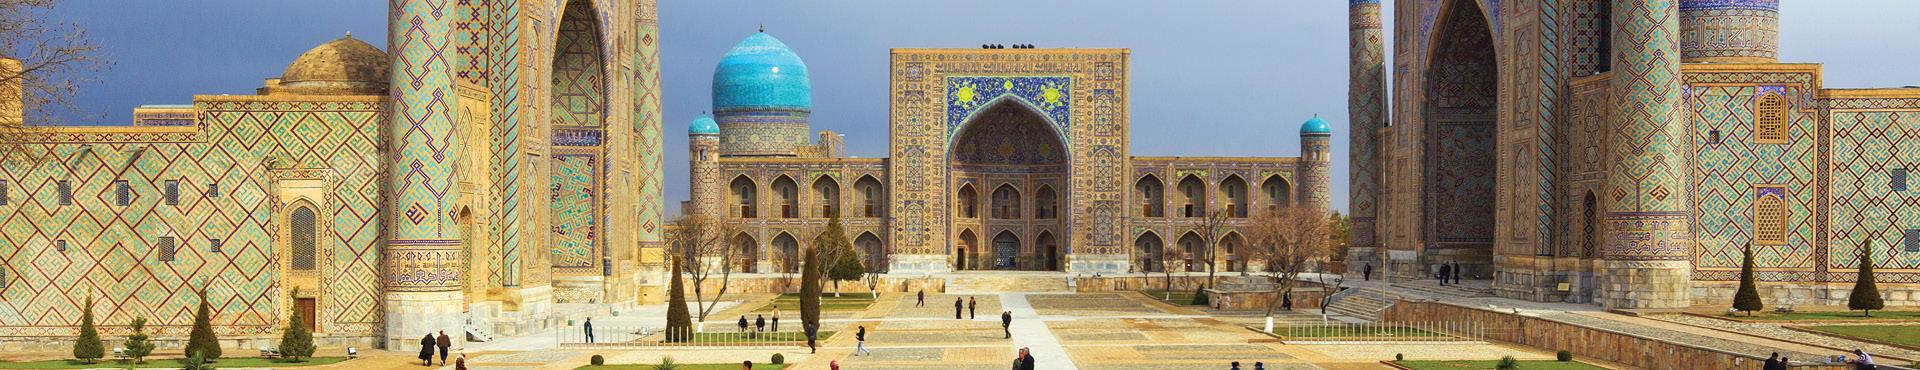 טיול מאורגן לאוזבקיסטן - אל דרך המשי והמדבר האדום ובעקבות הרקולס של המזרח